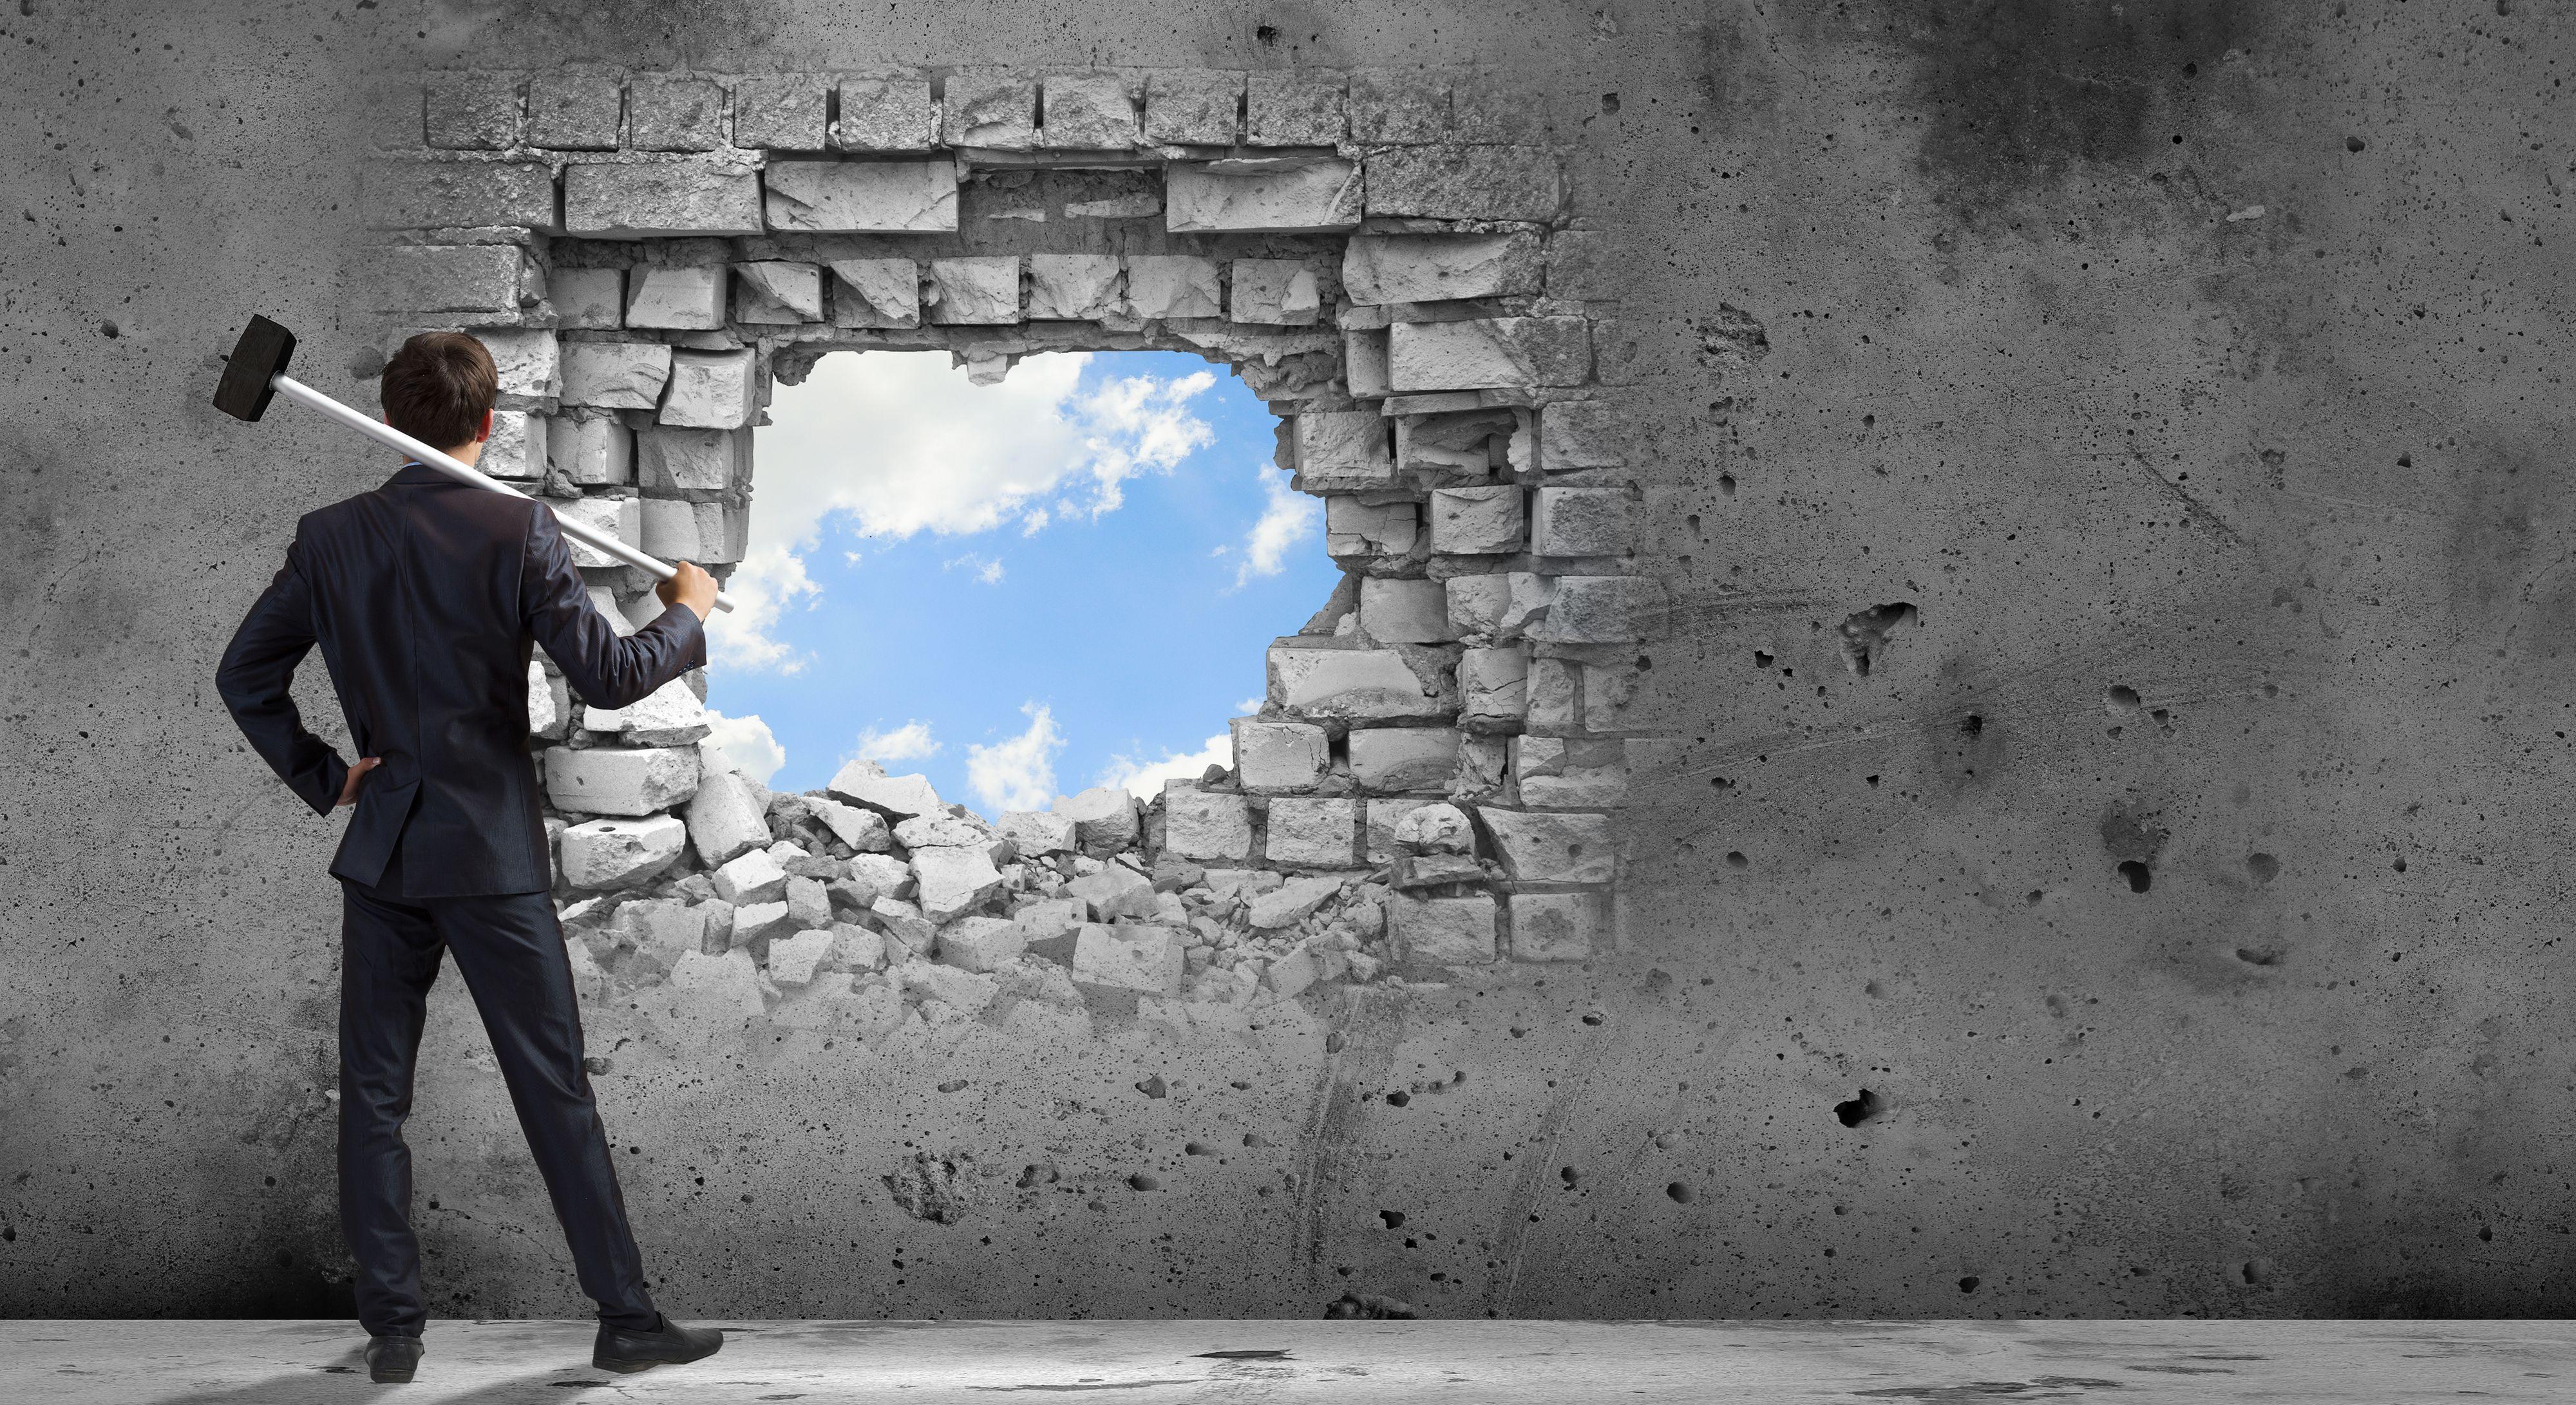 M ożliwość uwolnienia środków z kont split payment VAT mogłaby pomóc firmom w kryzysie. (Fot. Shutterstock)